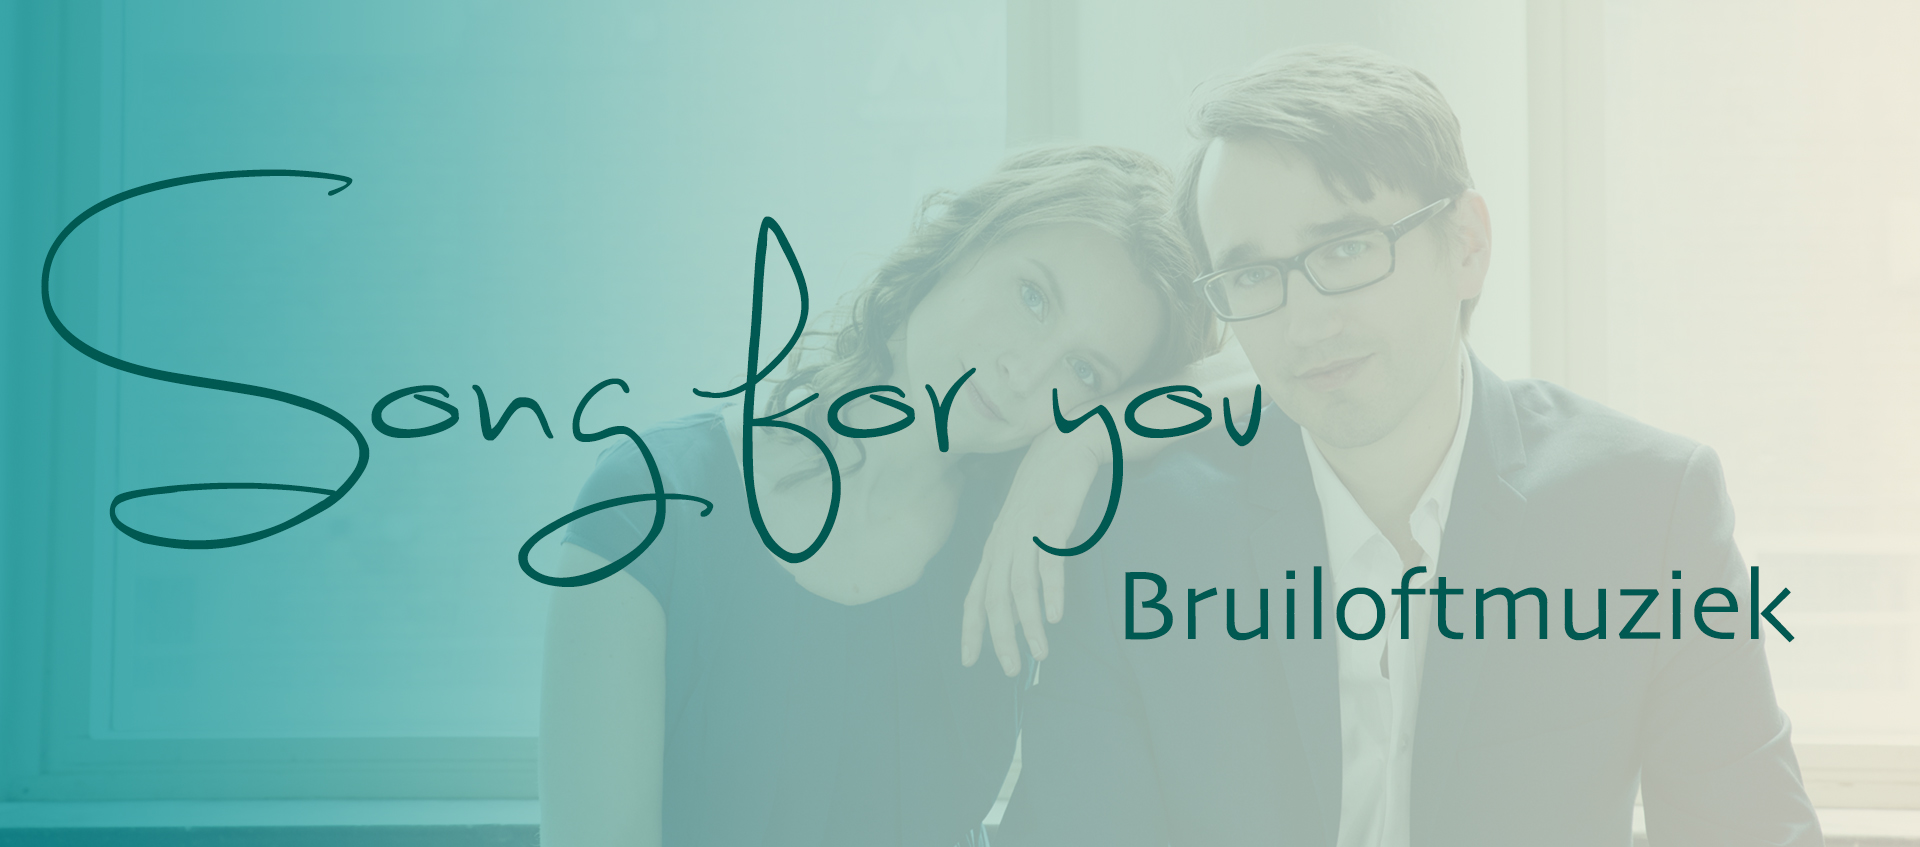 Bruiloftmuziek Song For You Maakt Muziek Persoonlijk